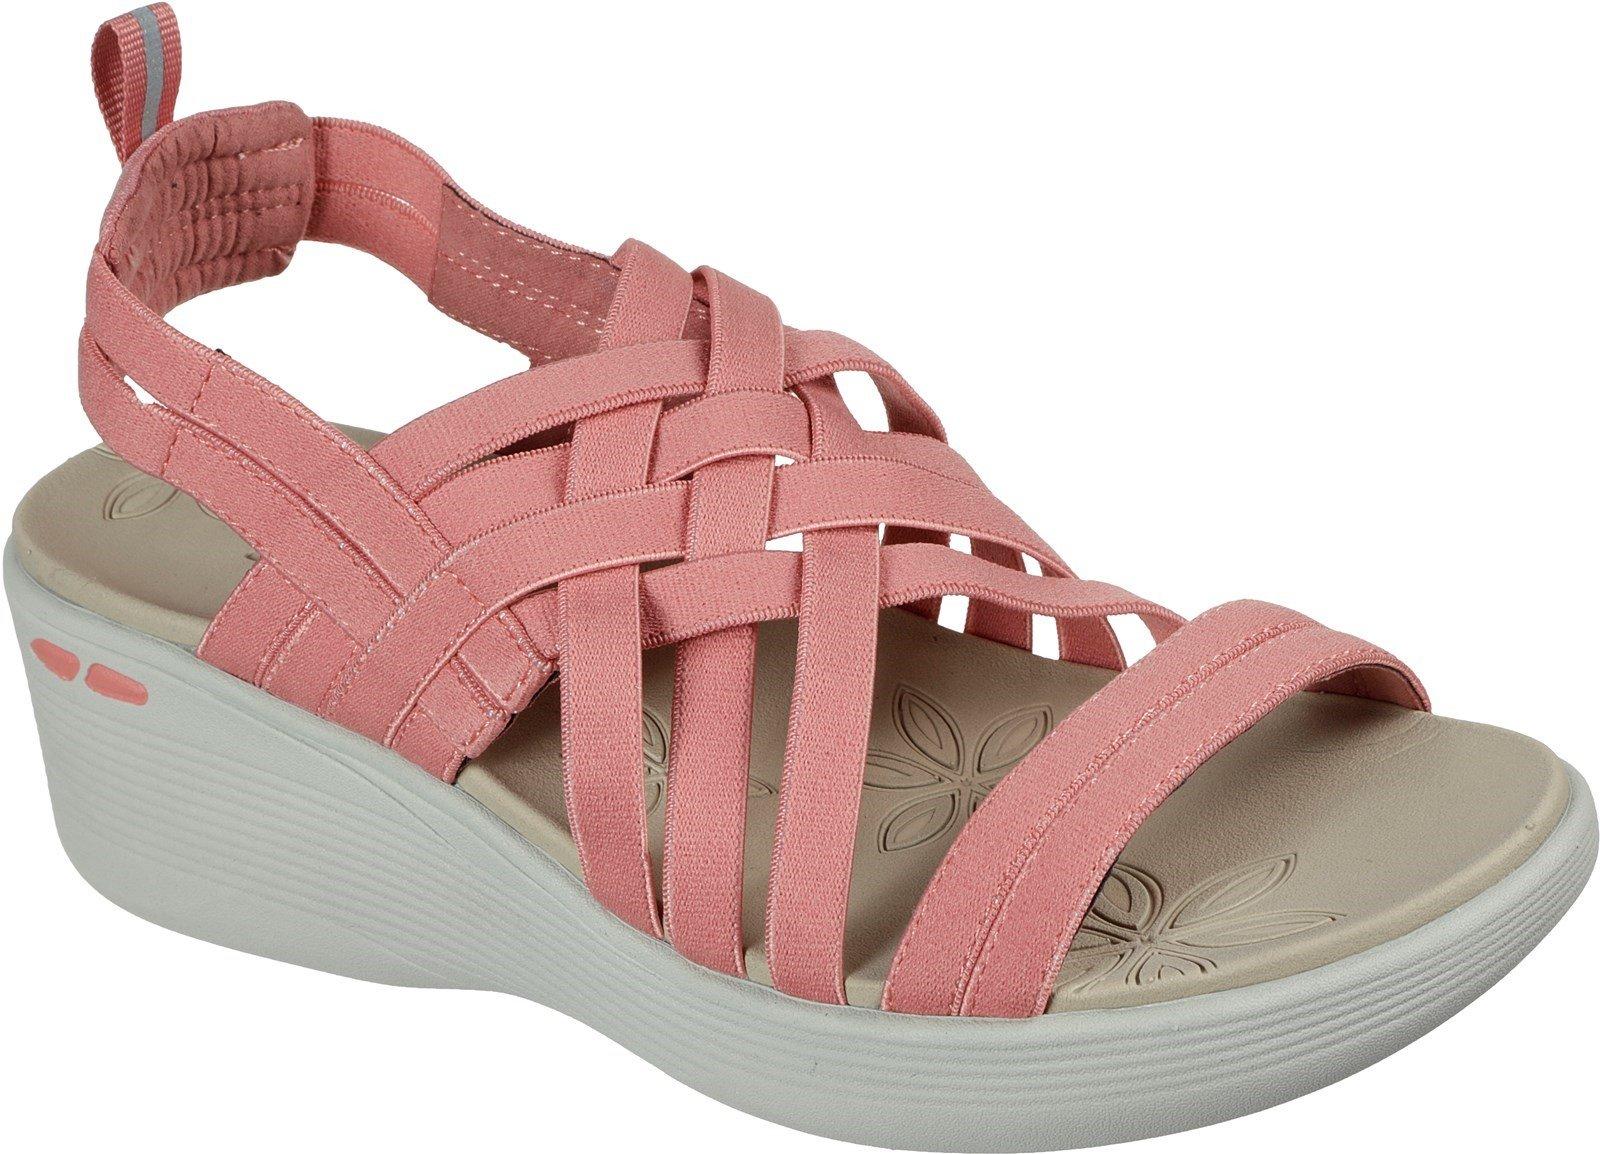 Skechers Women's Pier-Lite Summer Sandal Various Colours 32177 - Coral 3